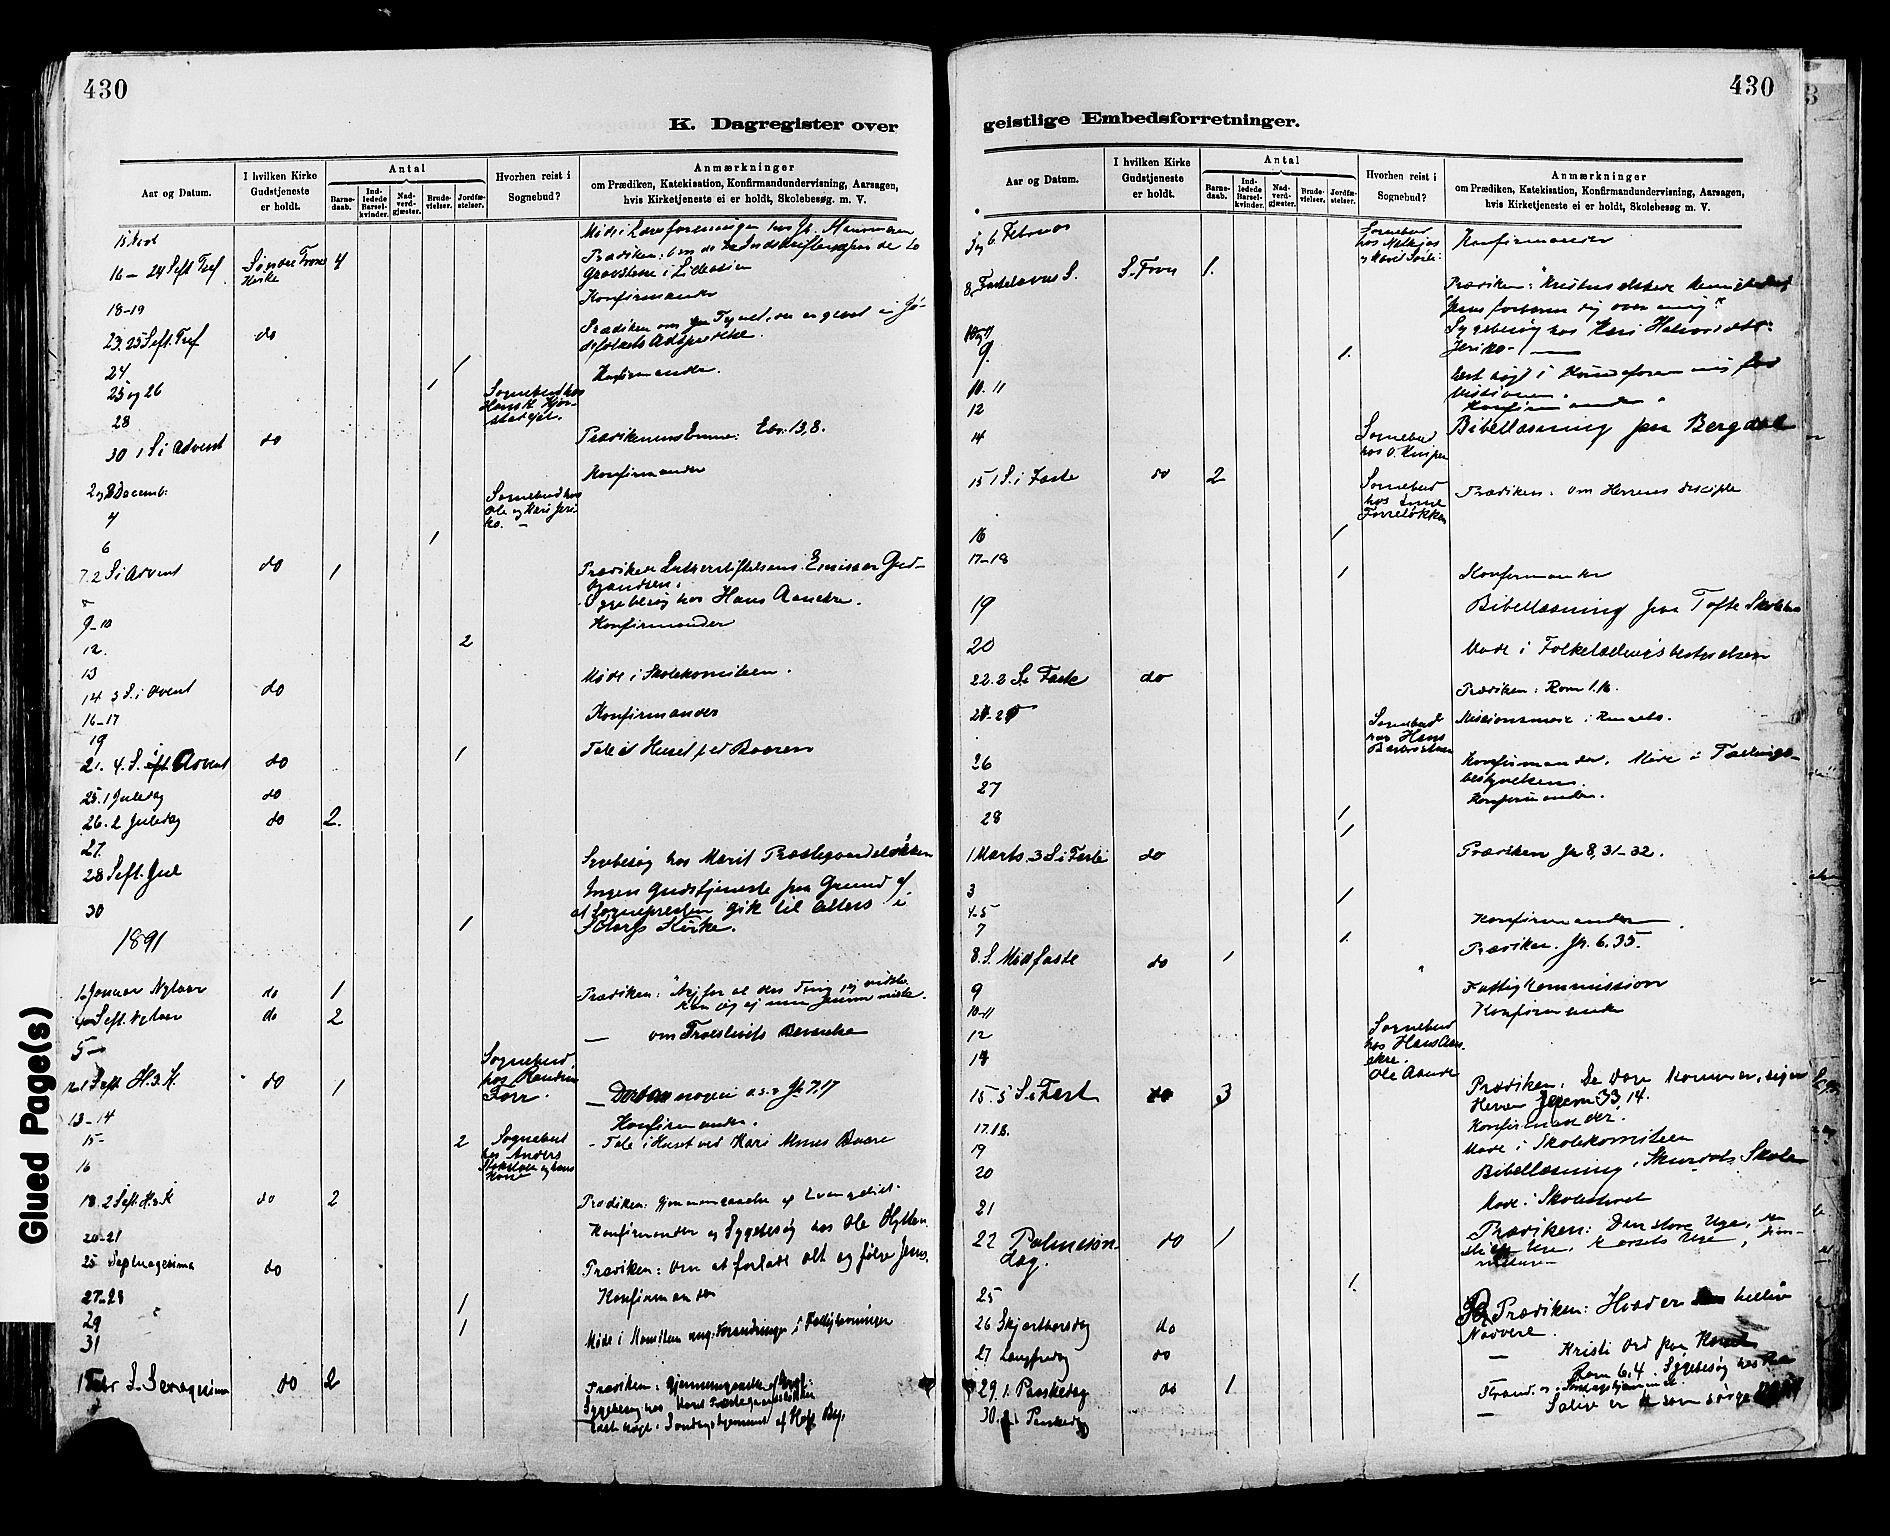 SAH, Sør-Fron prestekontor, H/Ha/Haa/L0003: Ministerialbok nr. 3, 1881-1897, s. 430